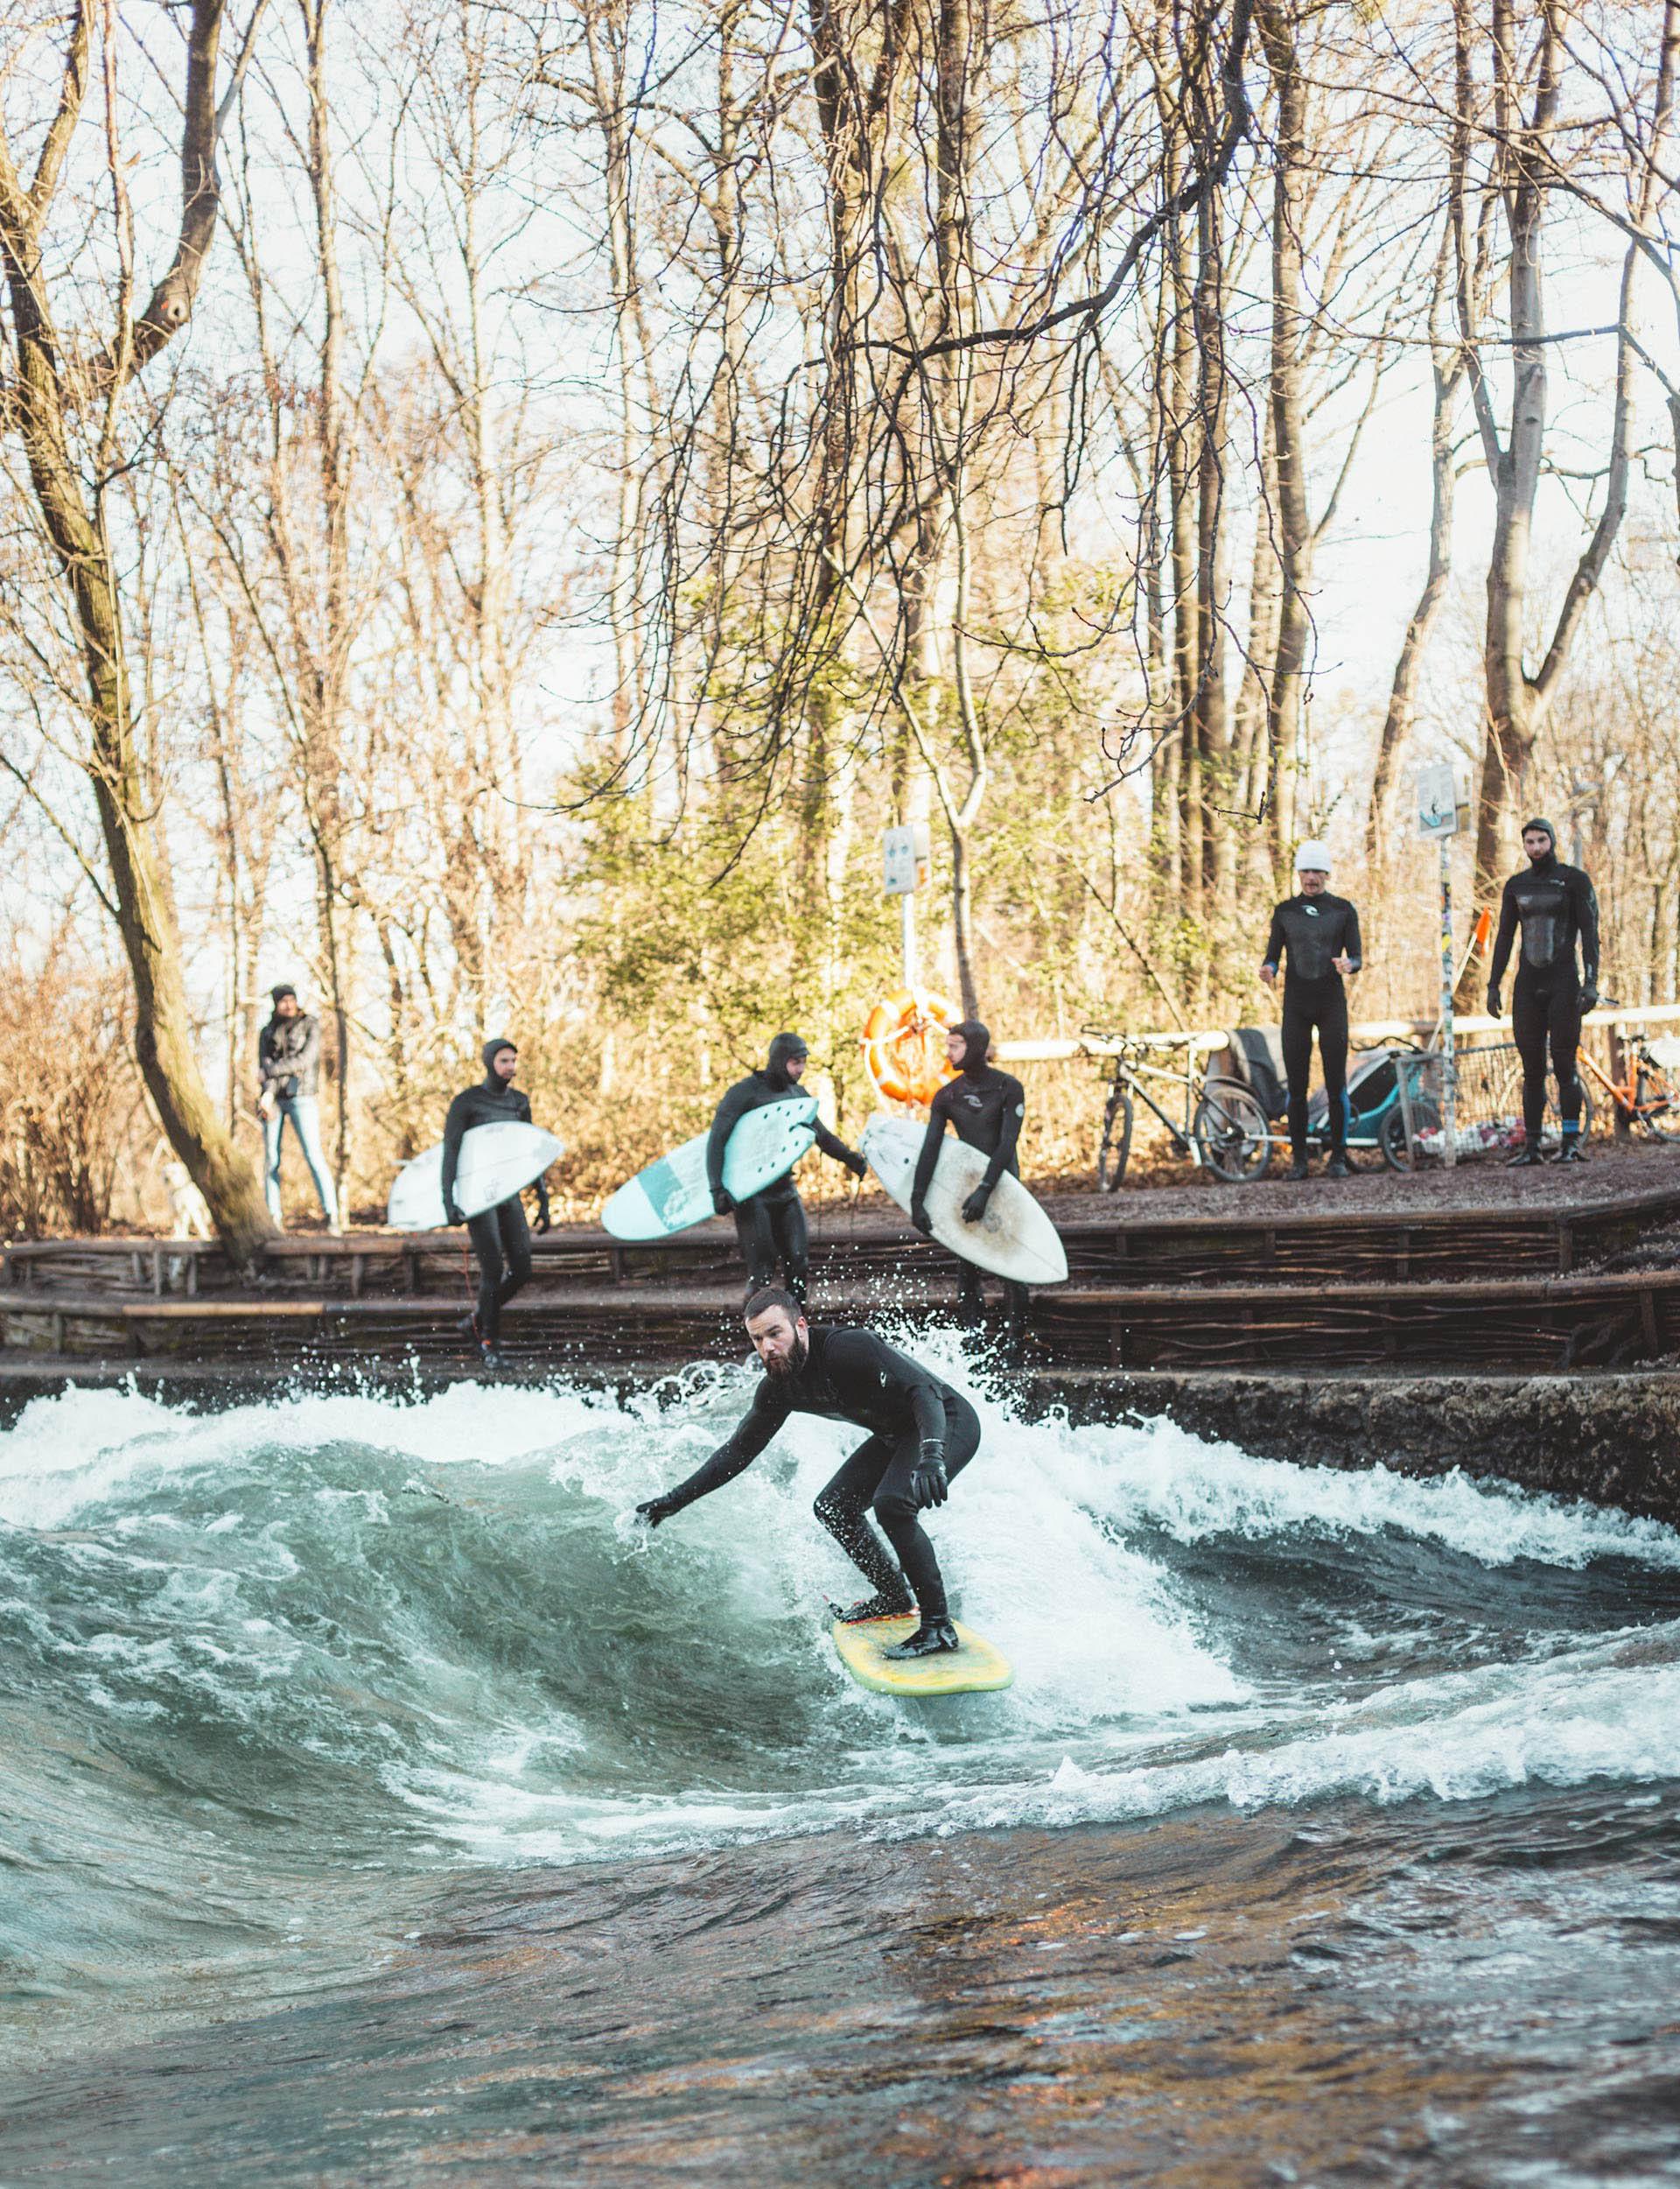 Eisbachwave_munchen_joki_surffaus_surfing